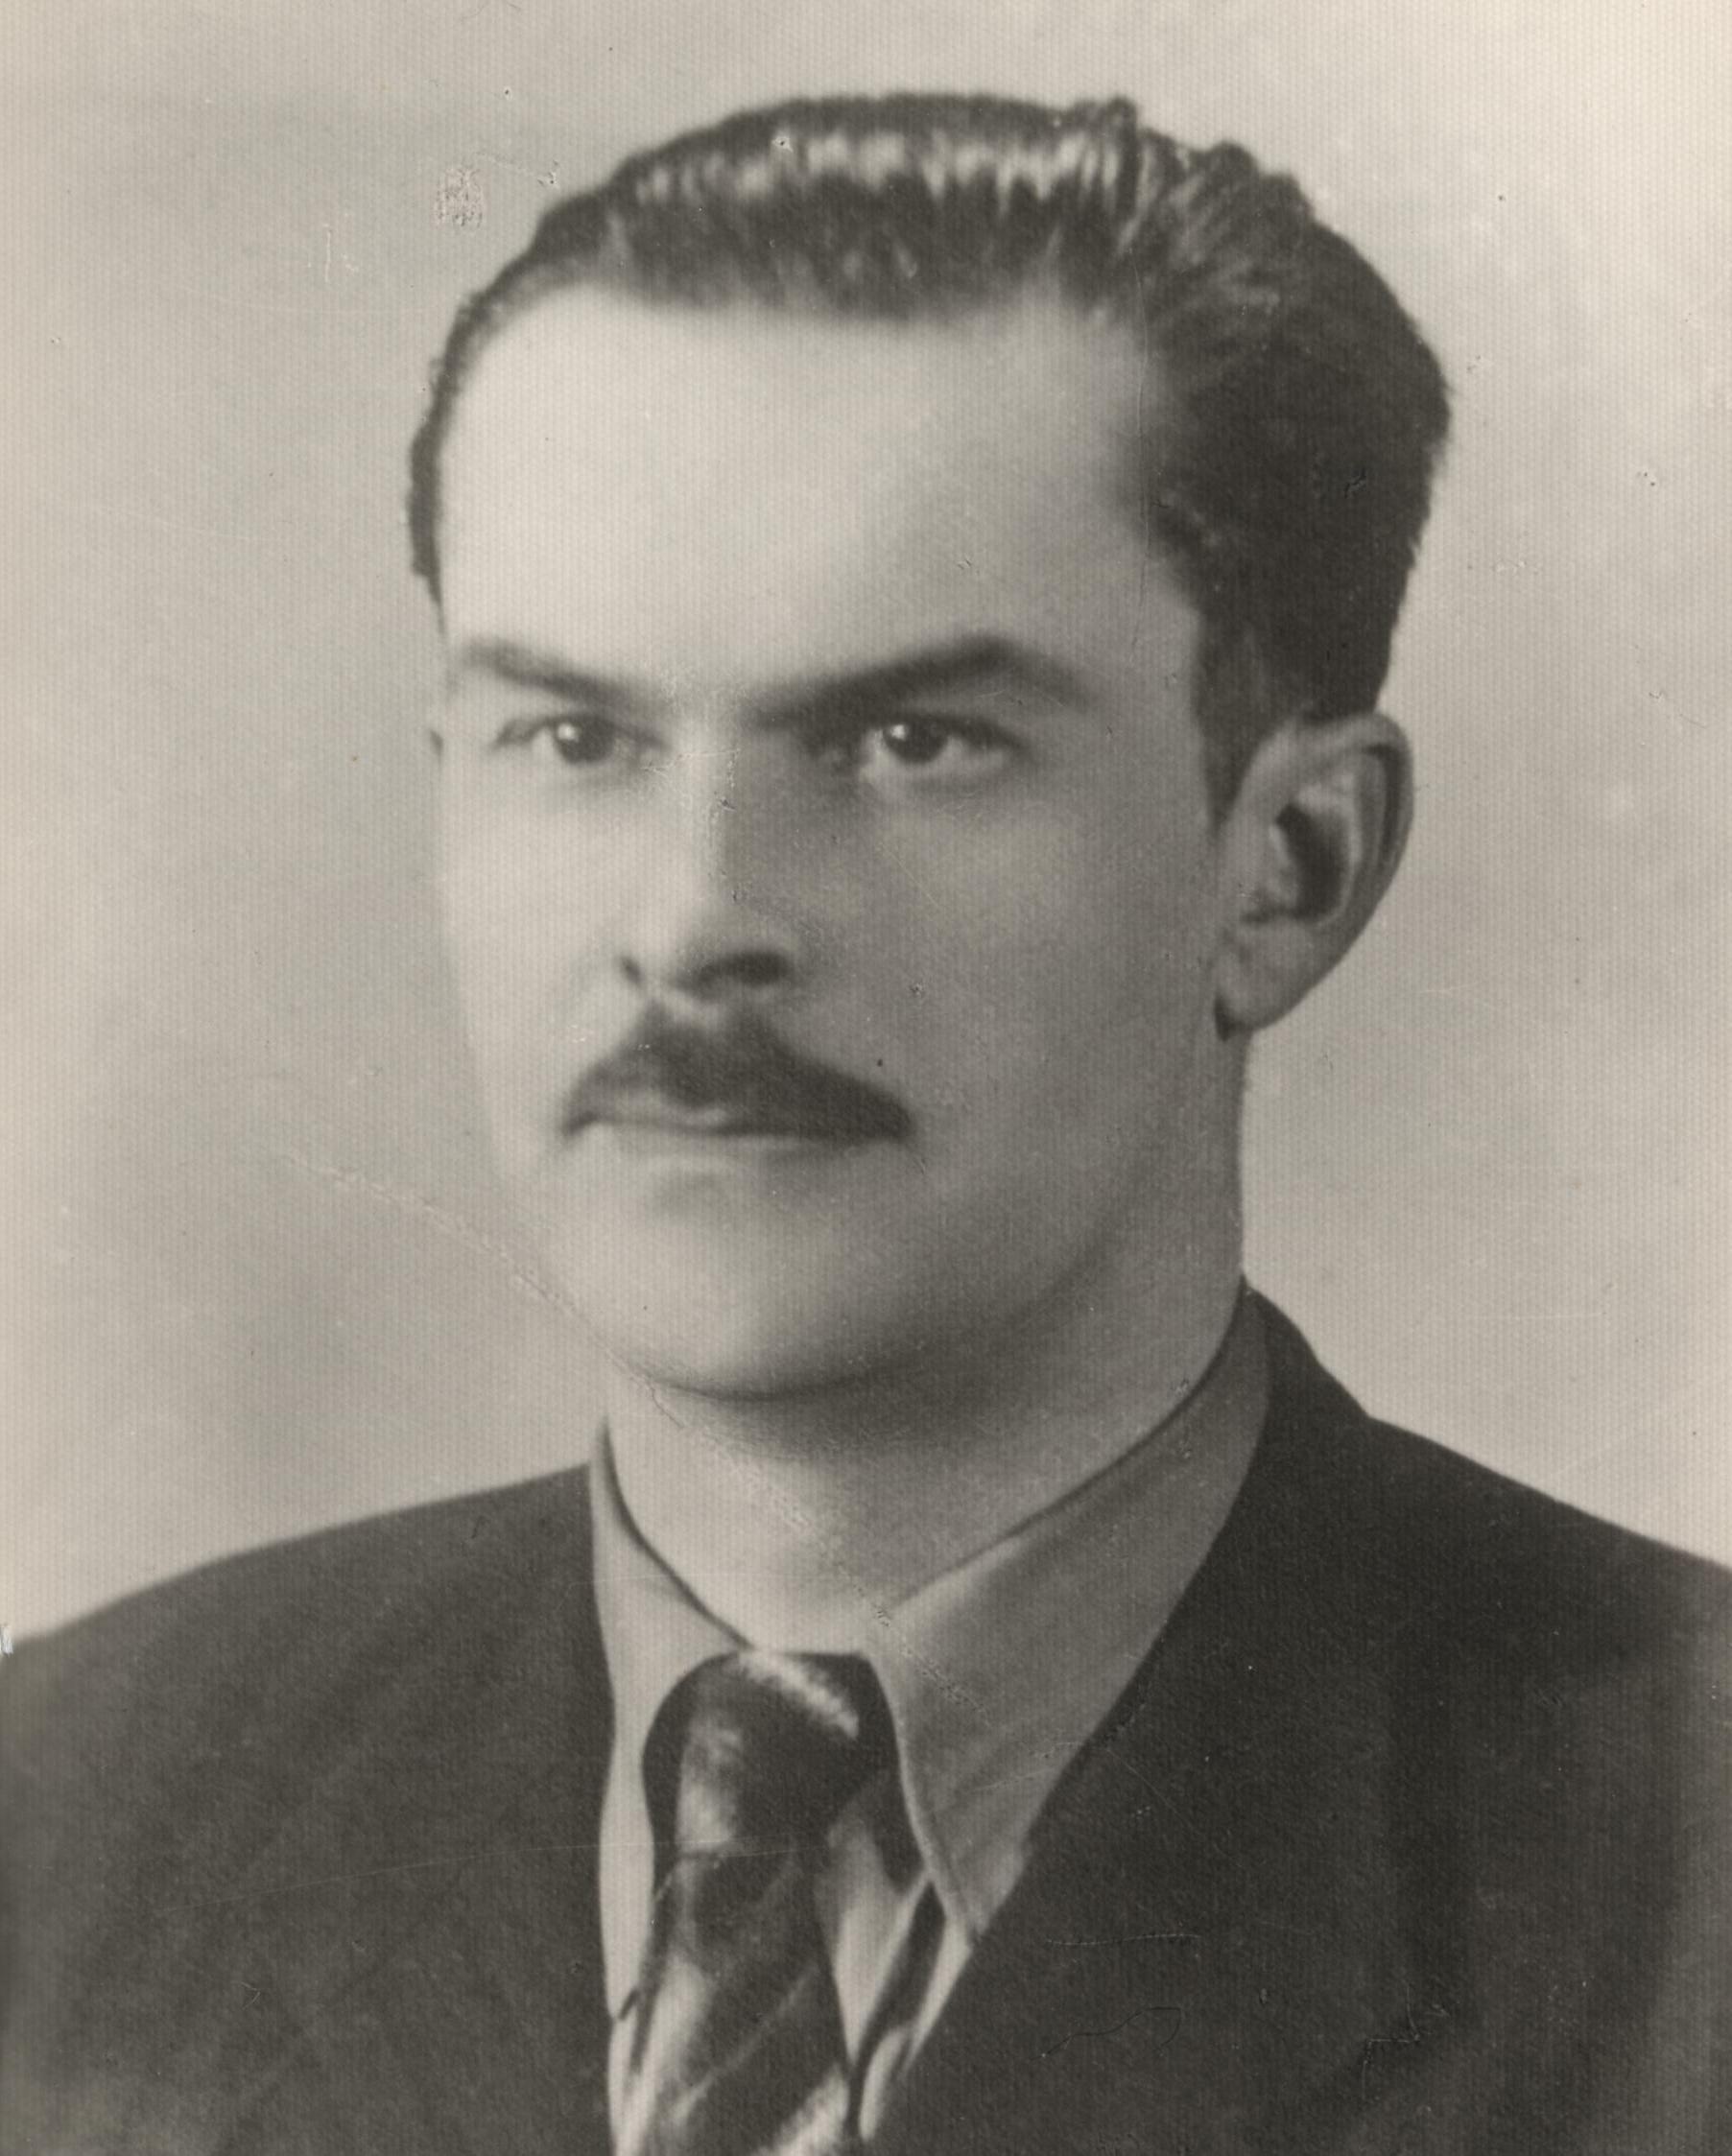 """Zbigniew Cerkowniak """"Boruta"""" zablokował butem drzwi, które strażnik zamierzał zatrzasnąć."""